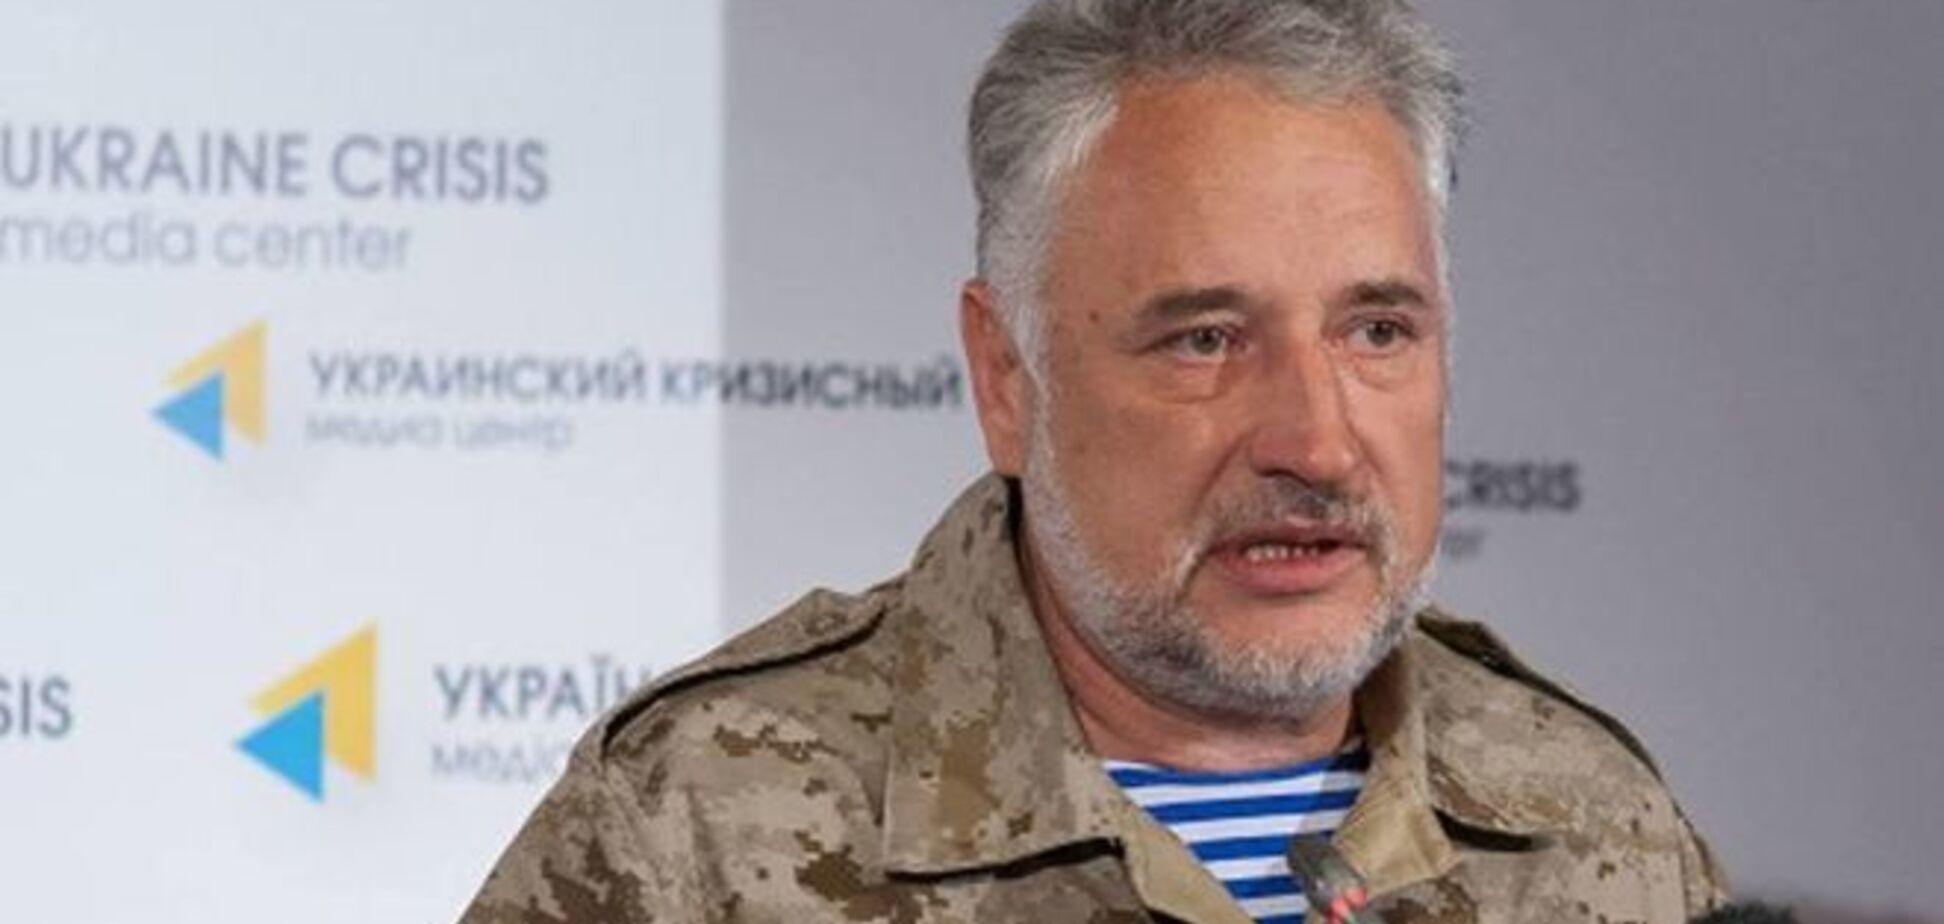 Жебрівський про повернення шахт: все винятково в законному полі, ми не бандити!